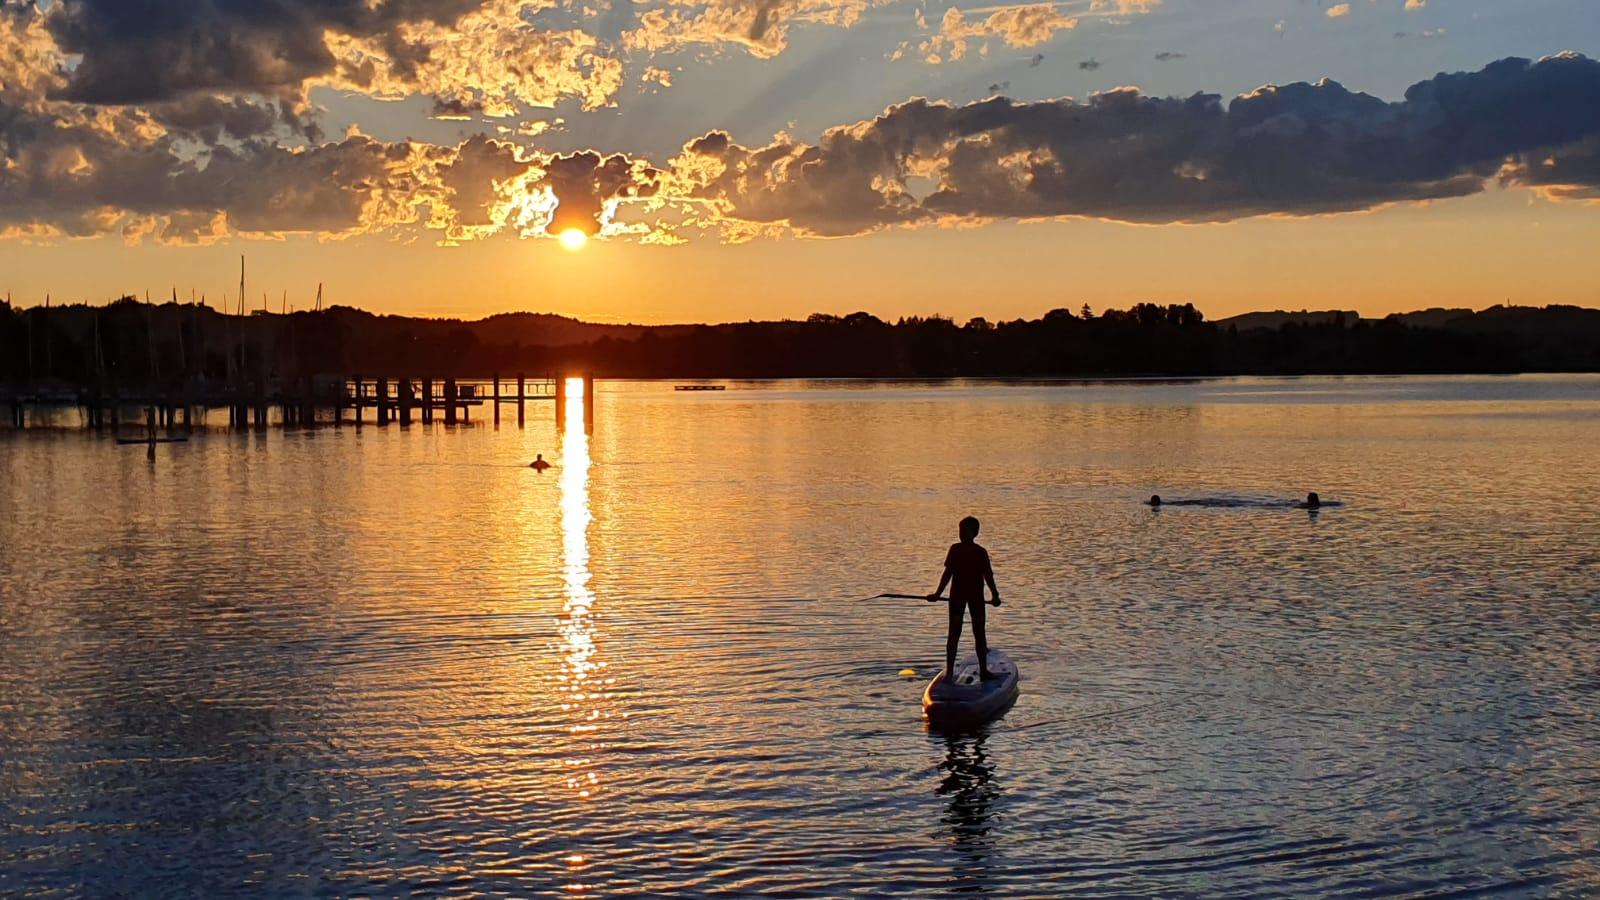 Sonnenuntergang_3_Chiemsee freigegeben für